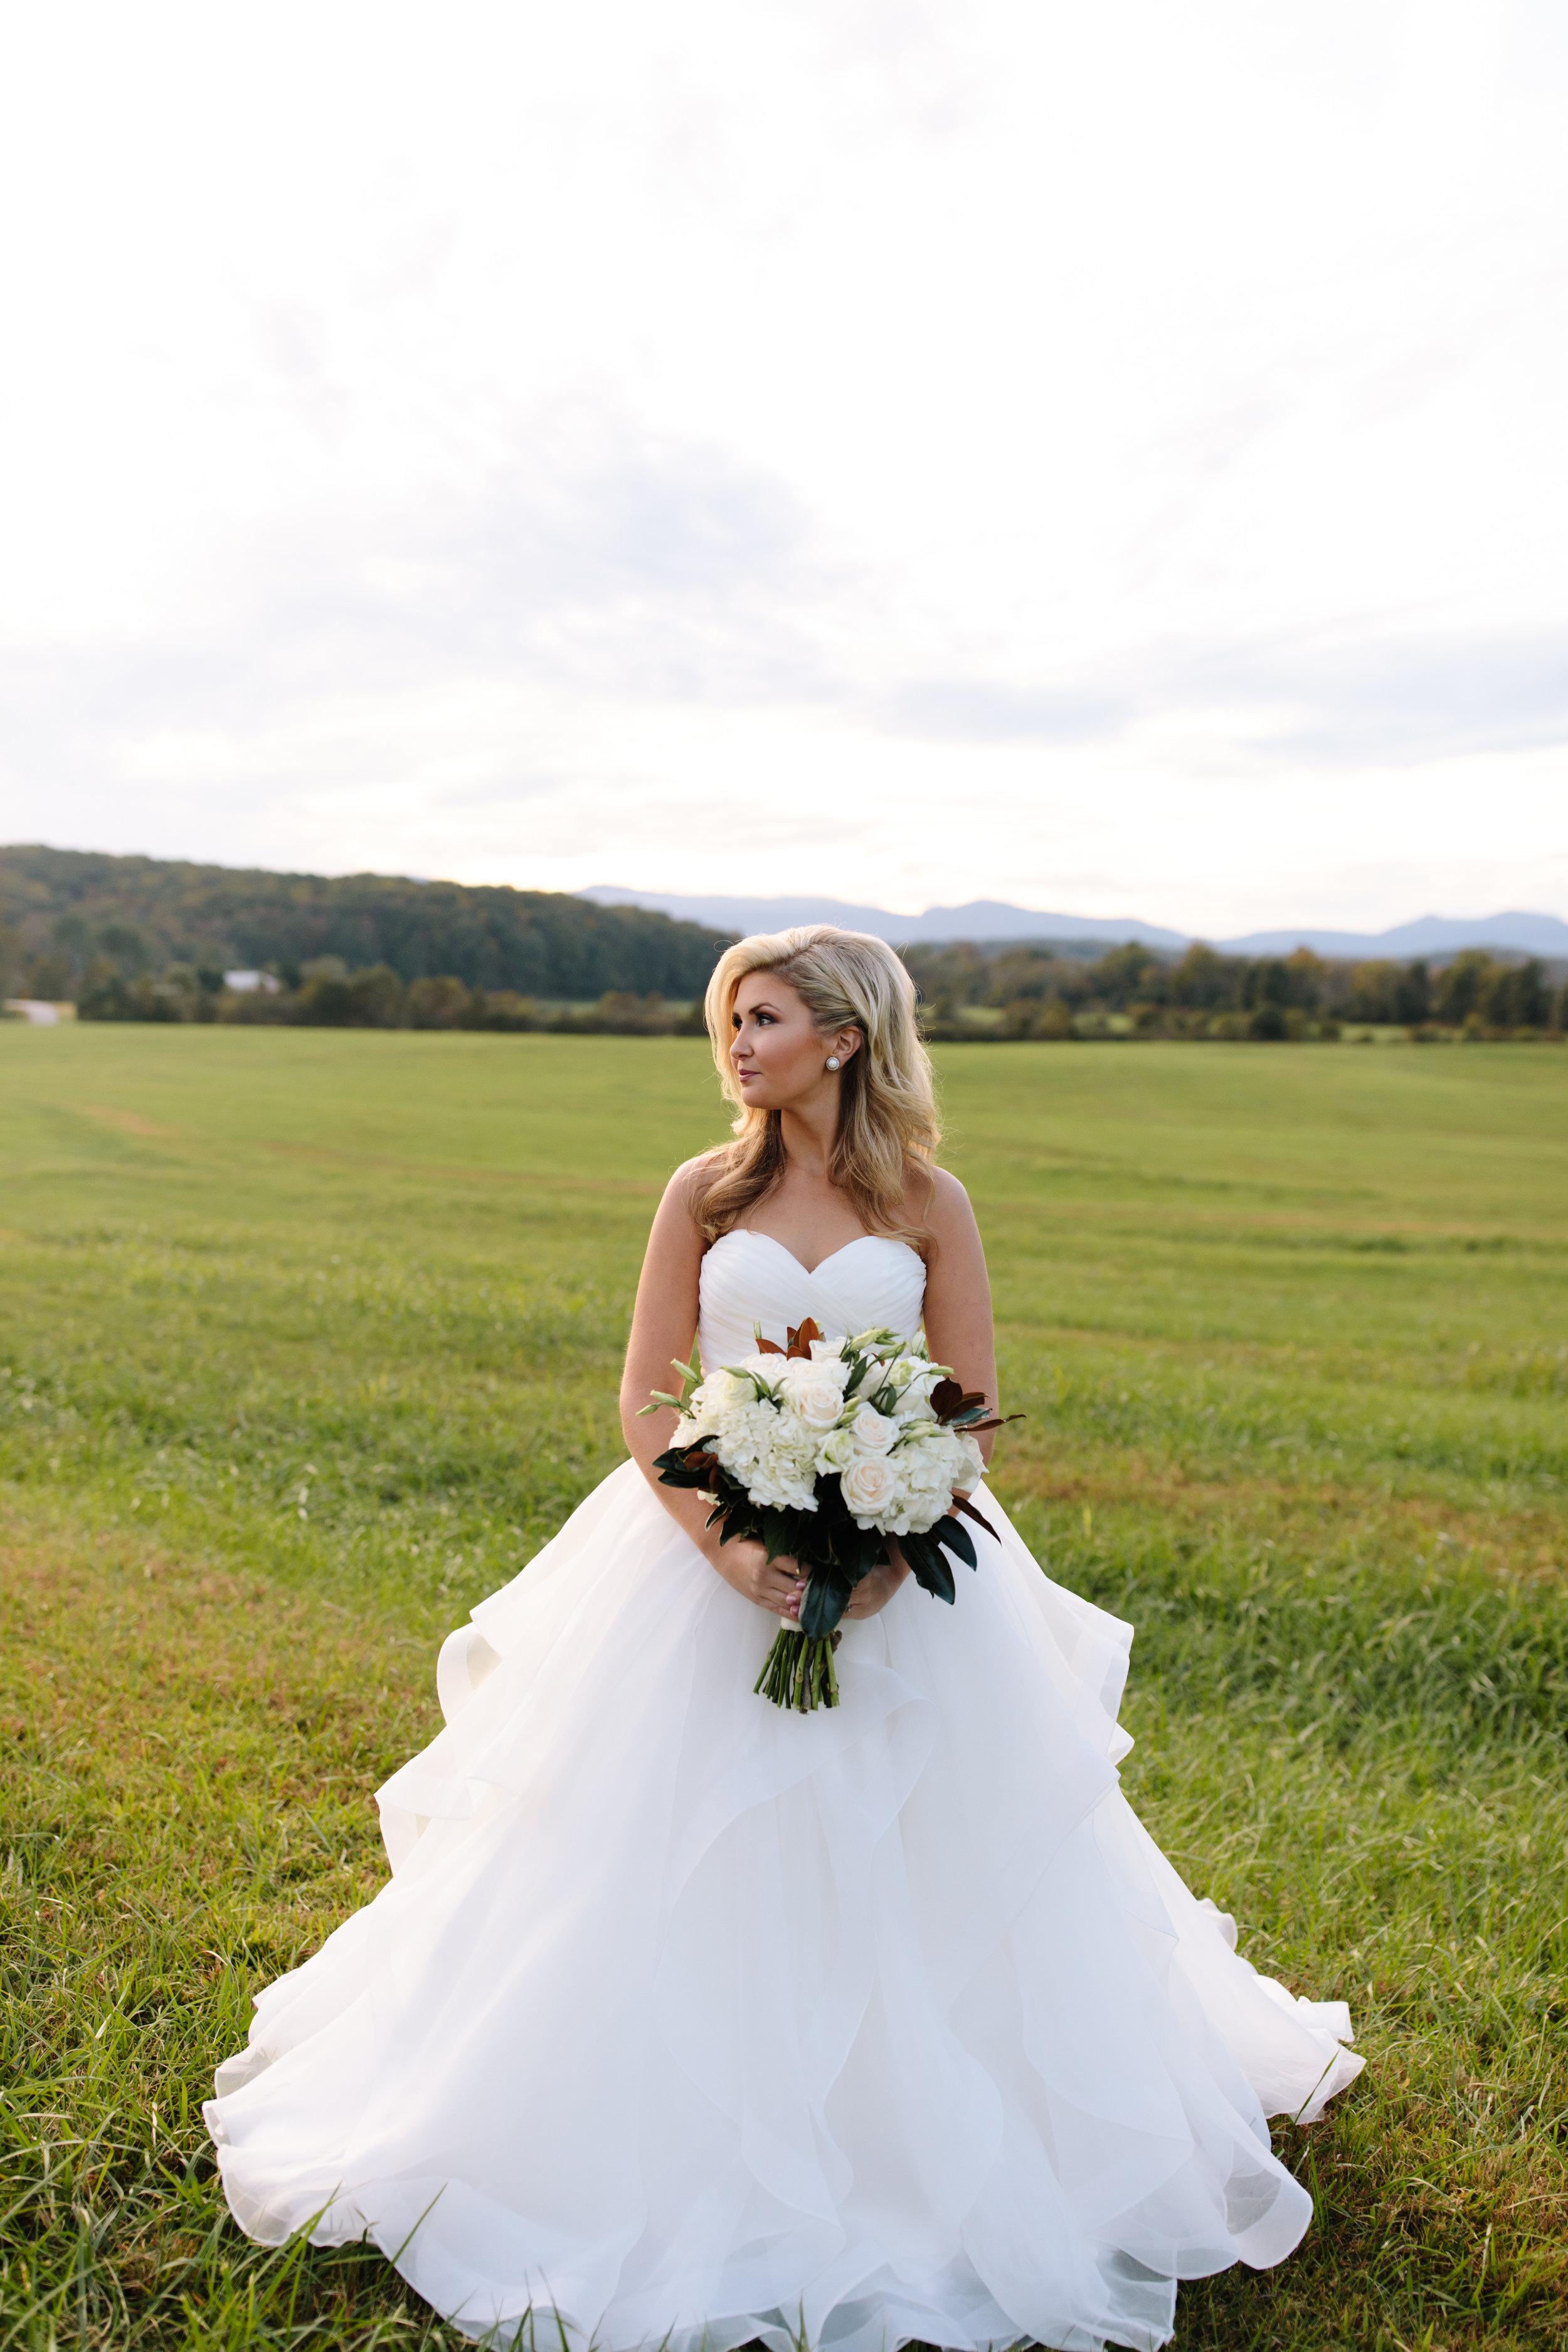 Leanna_Bridals-233.jpg